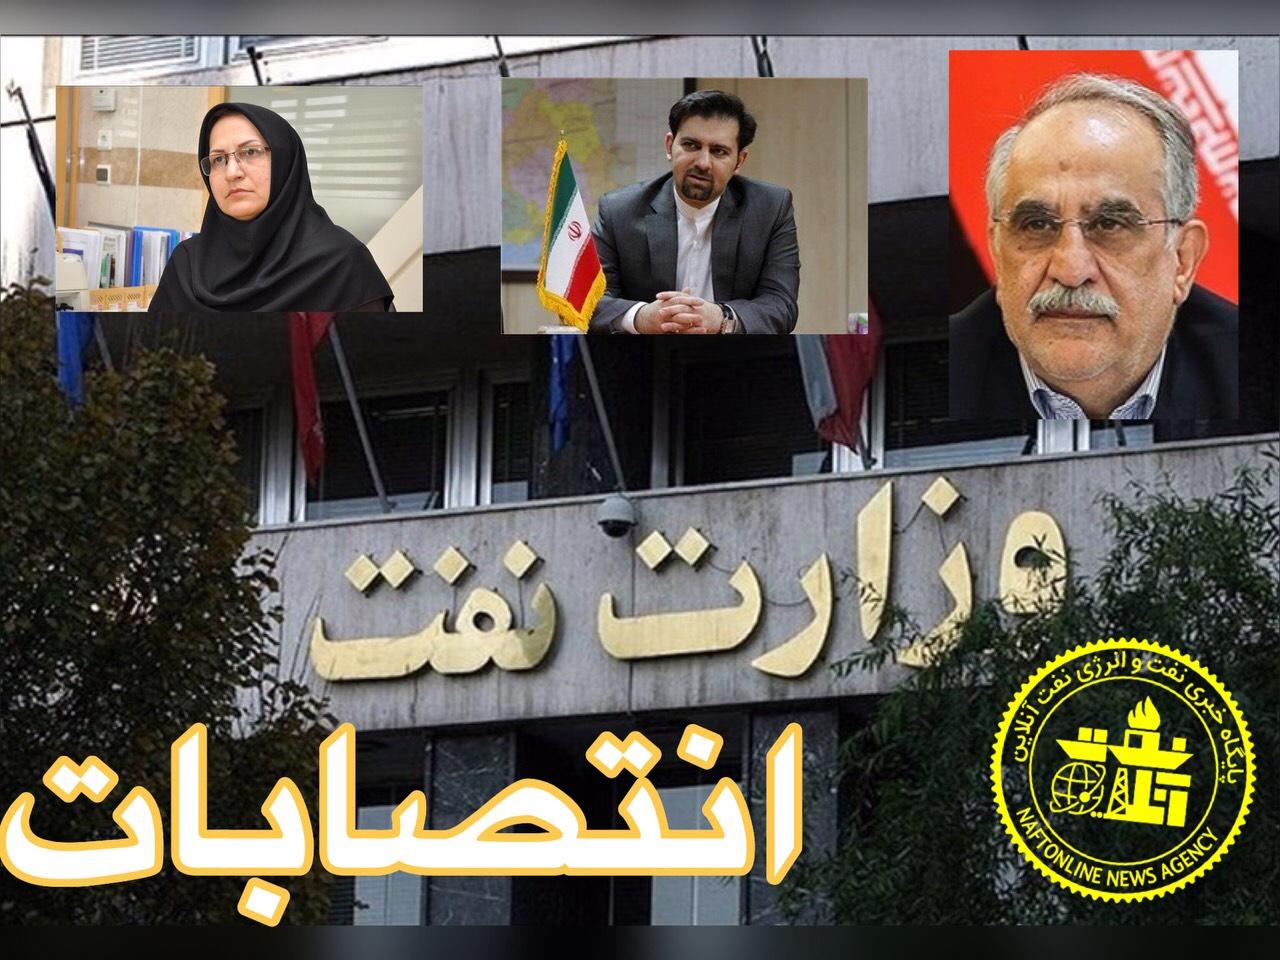 مسعودکرباسیان مدیرعامل شرکت ملی نفت ایران می شود